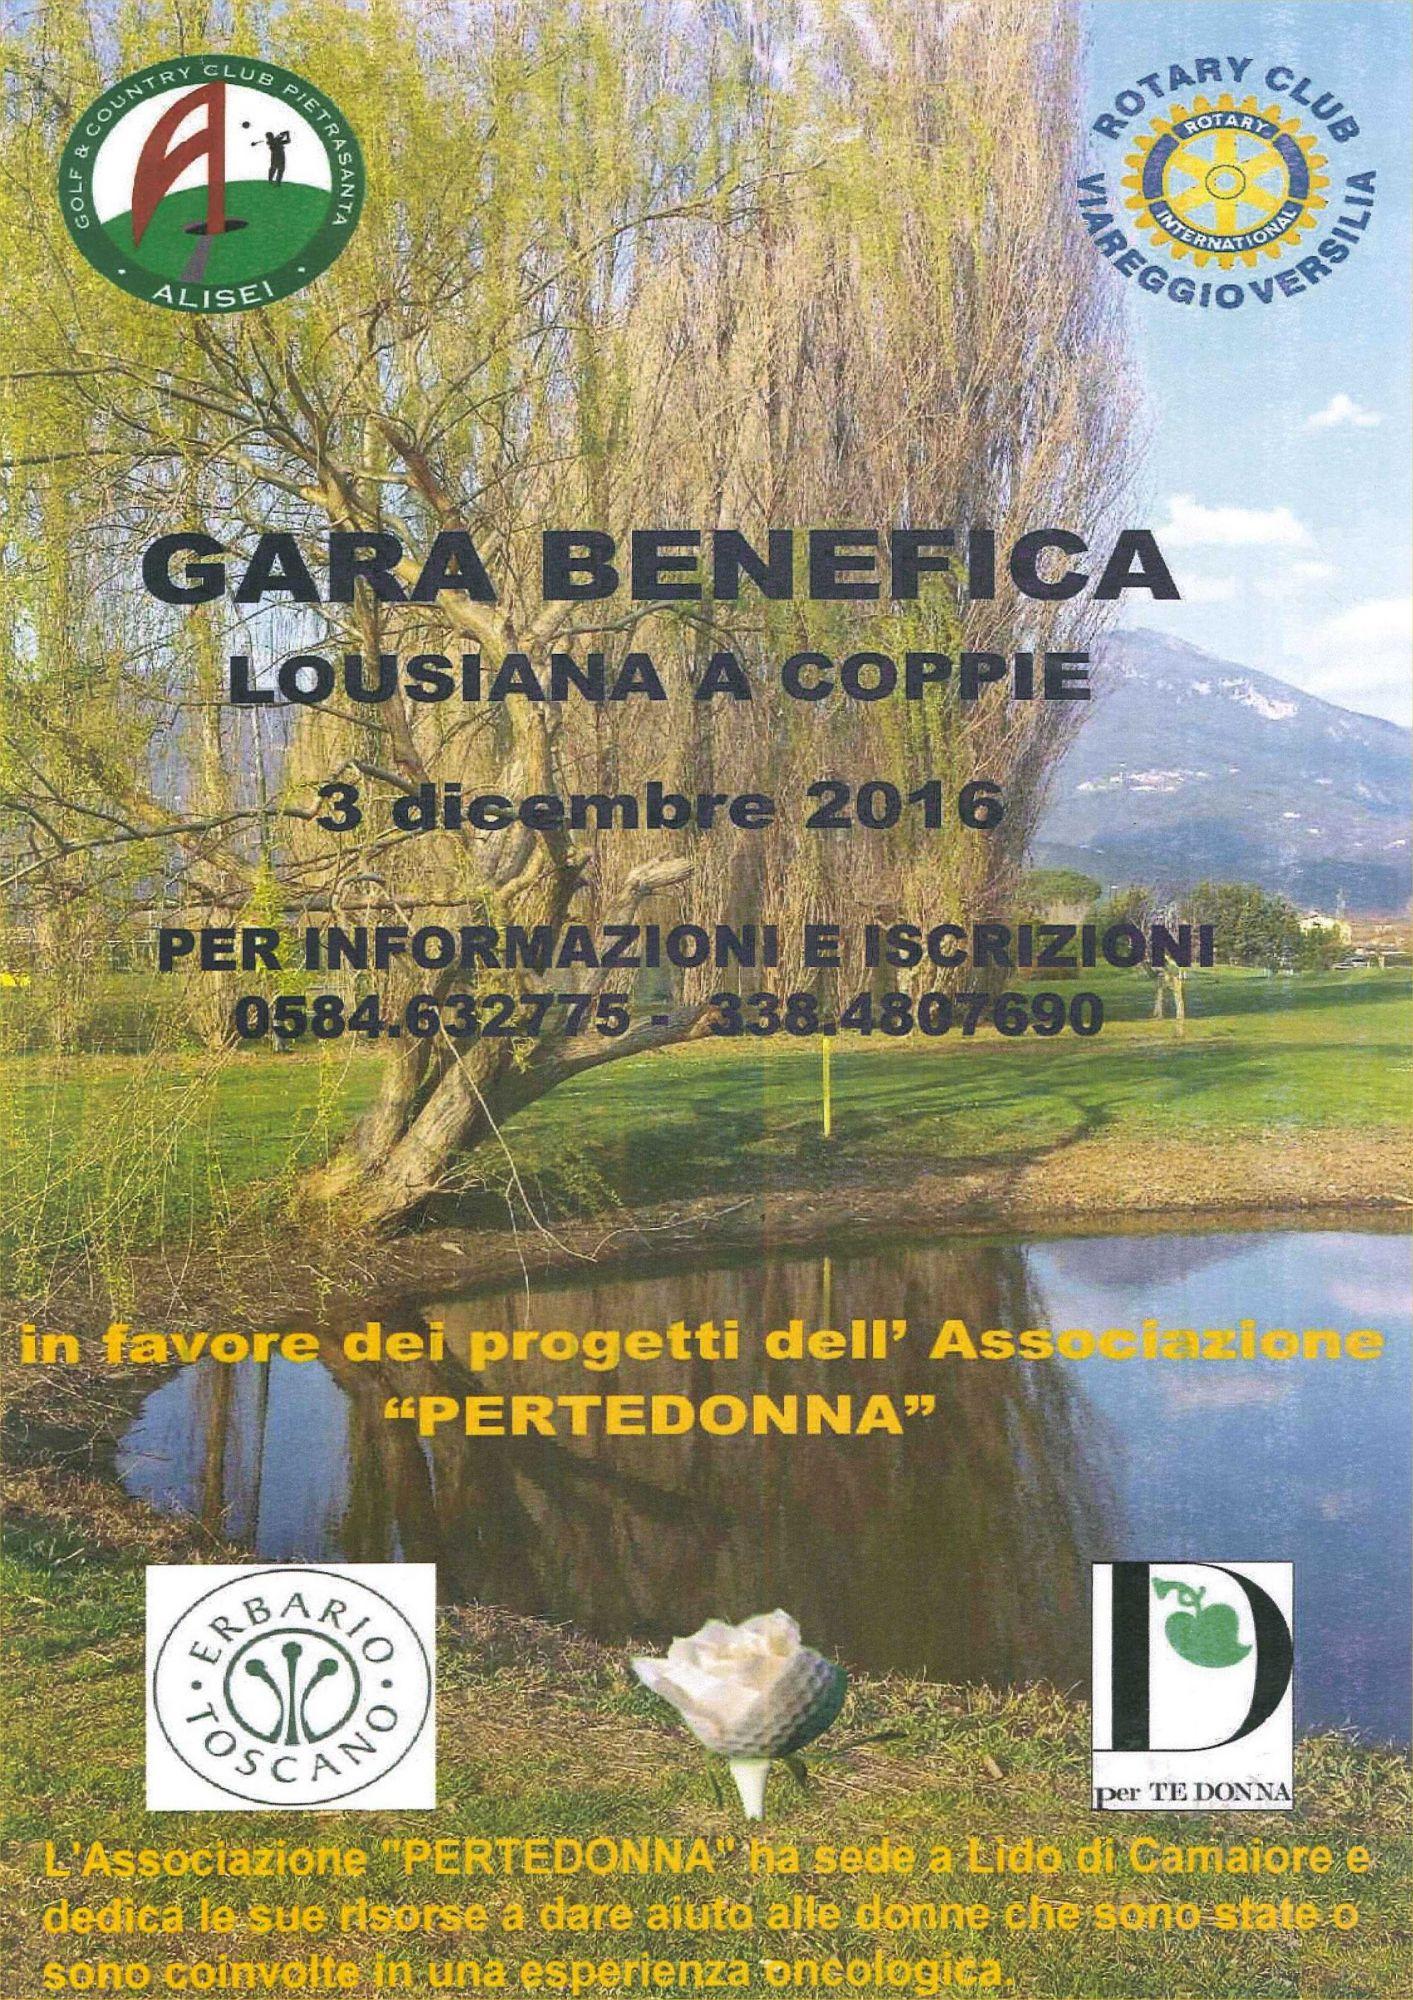 Golf e solidarietà con il Rotary Club Viareggio Versilia e il Golf Club Alisei